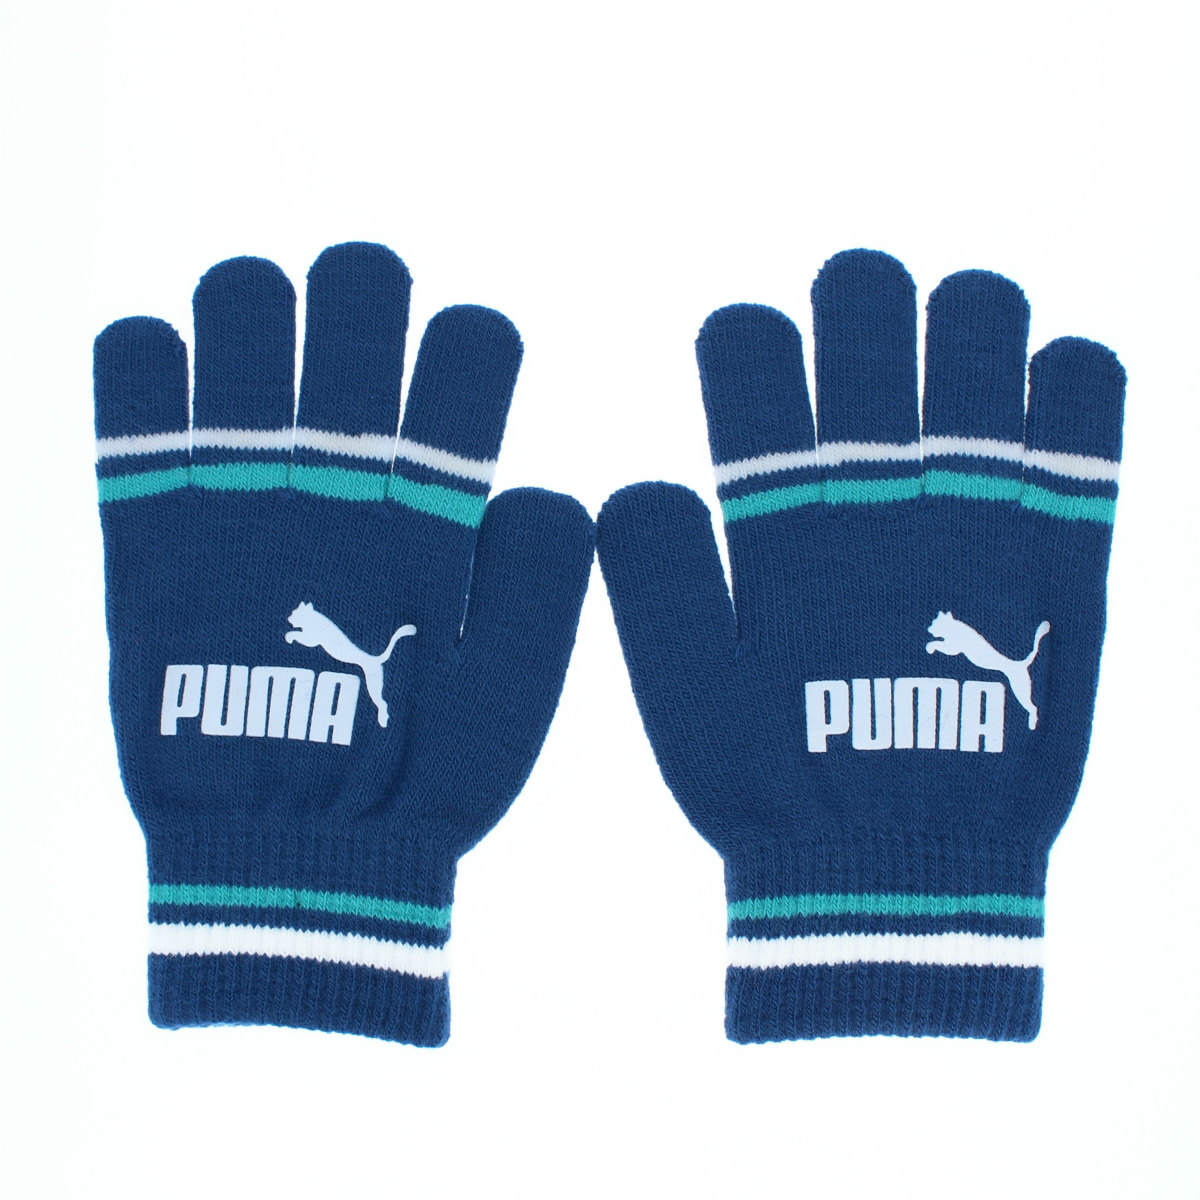 PUMA マジックグローブ プーマ ボーイズ サッカー スポーツ のびのび ニット手袋 すべり止め付き キッズ Sサイズ 小学校低学年